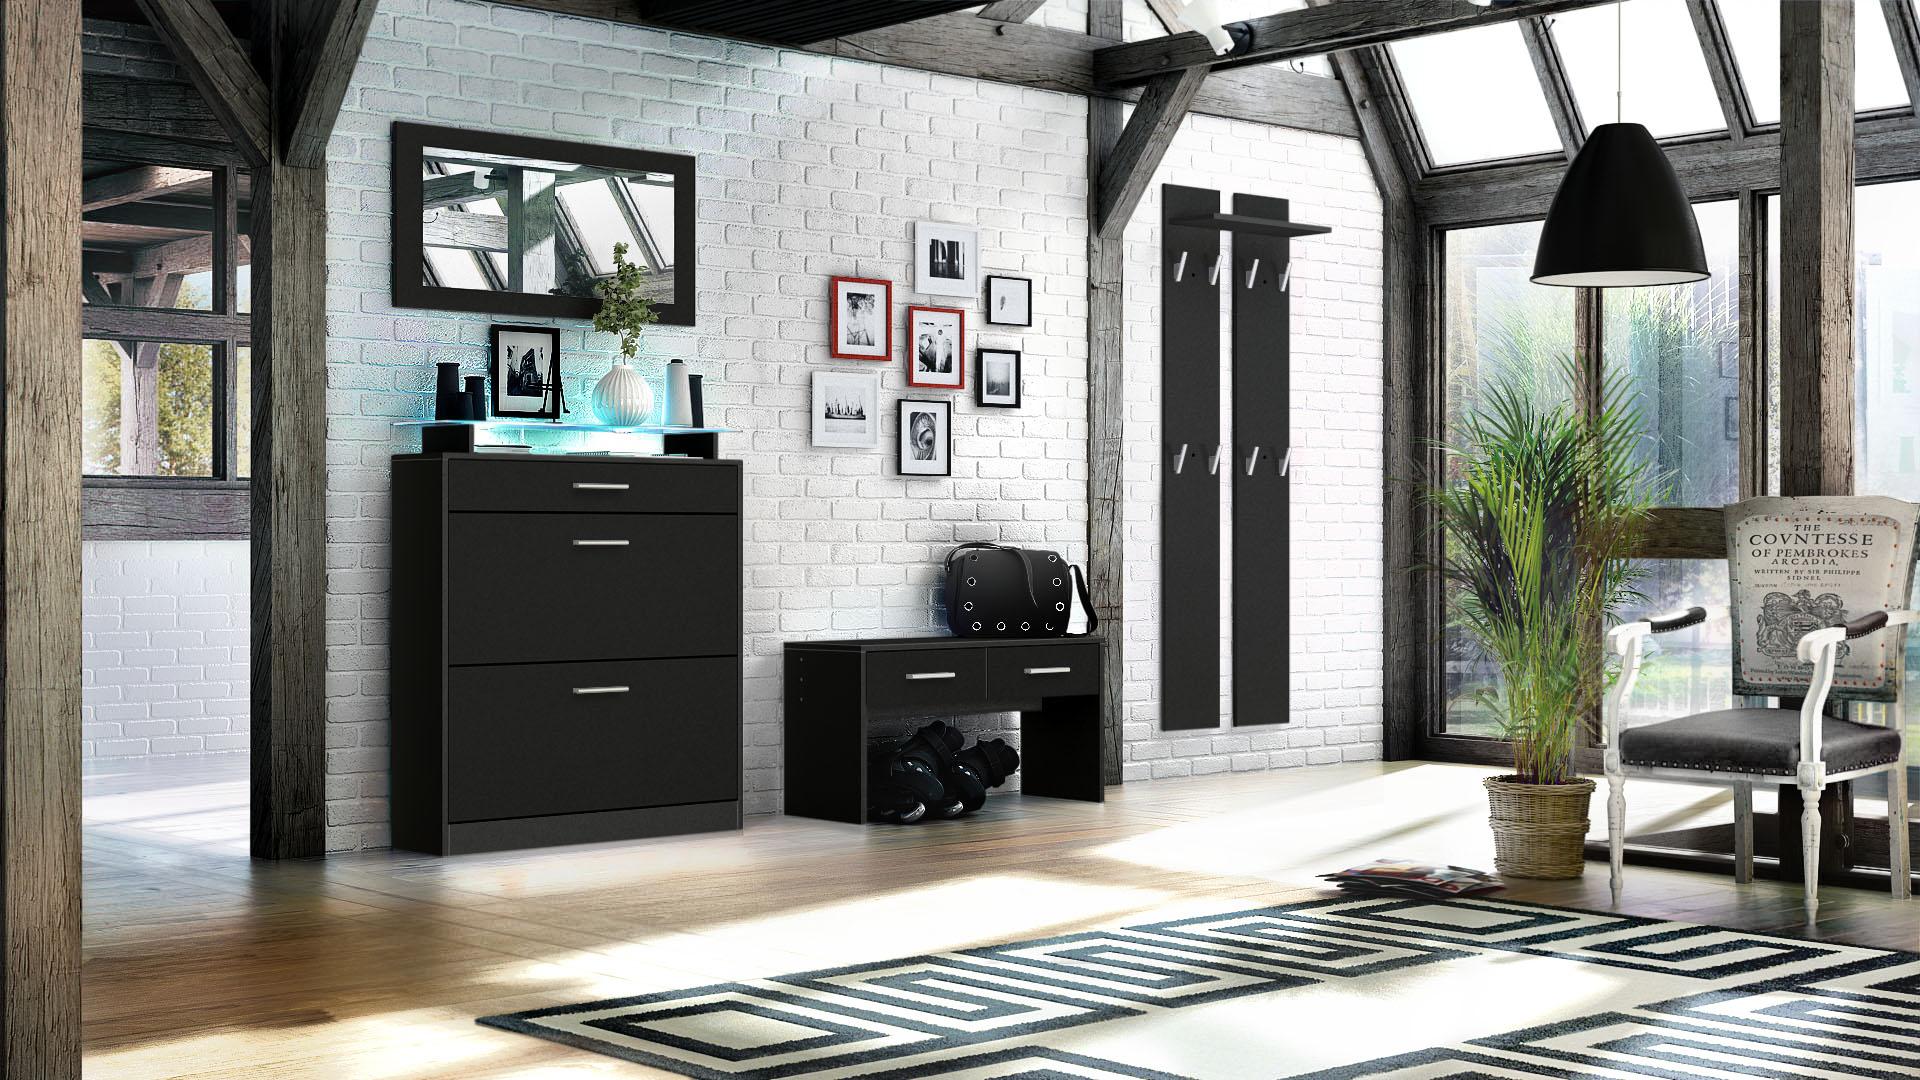 garderobenset flur garderobe diele loret in schwarz. Black Bedroom Furniture Sets. Home Design Ideas